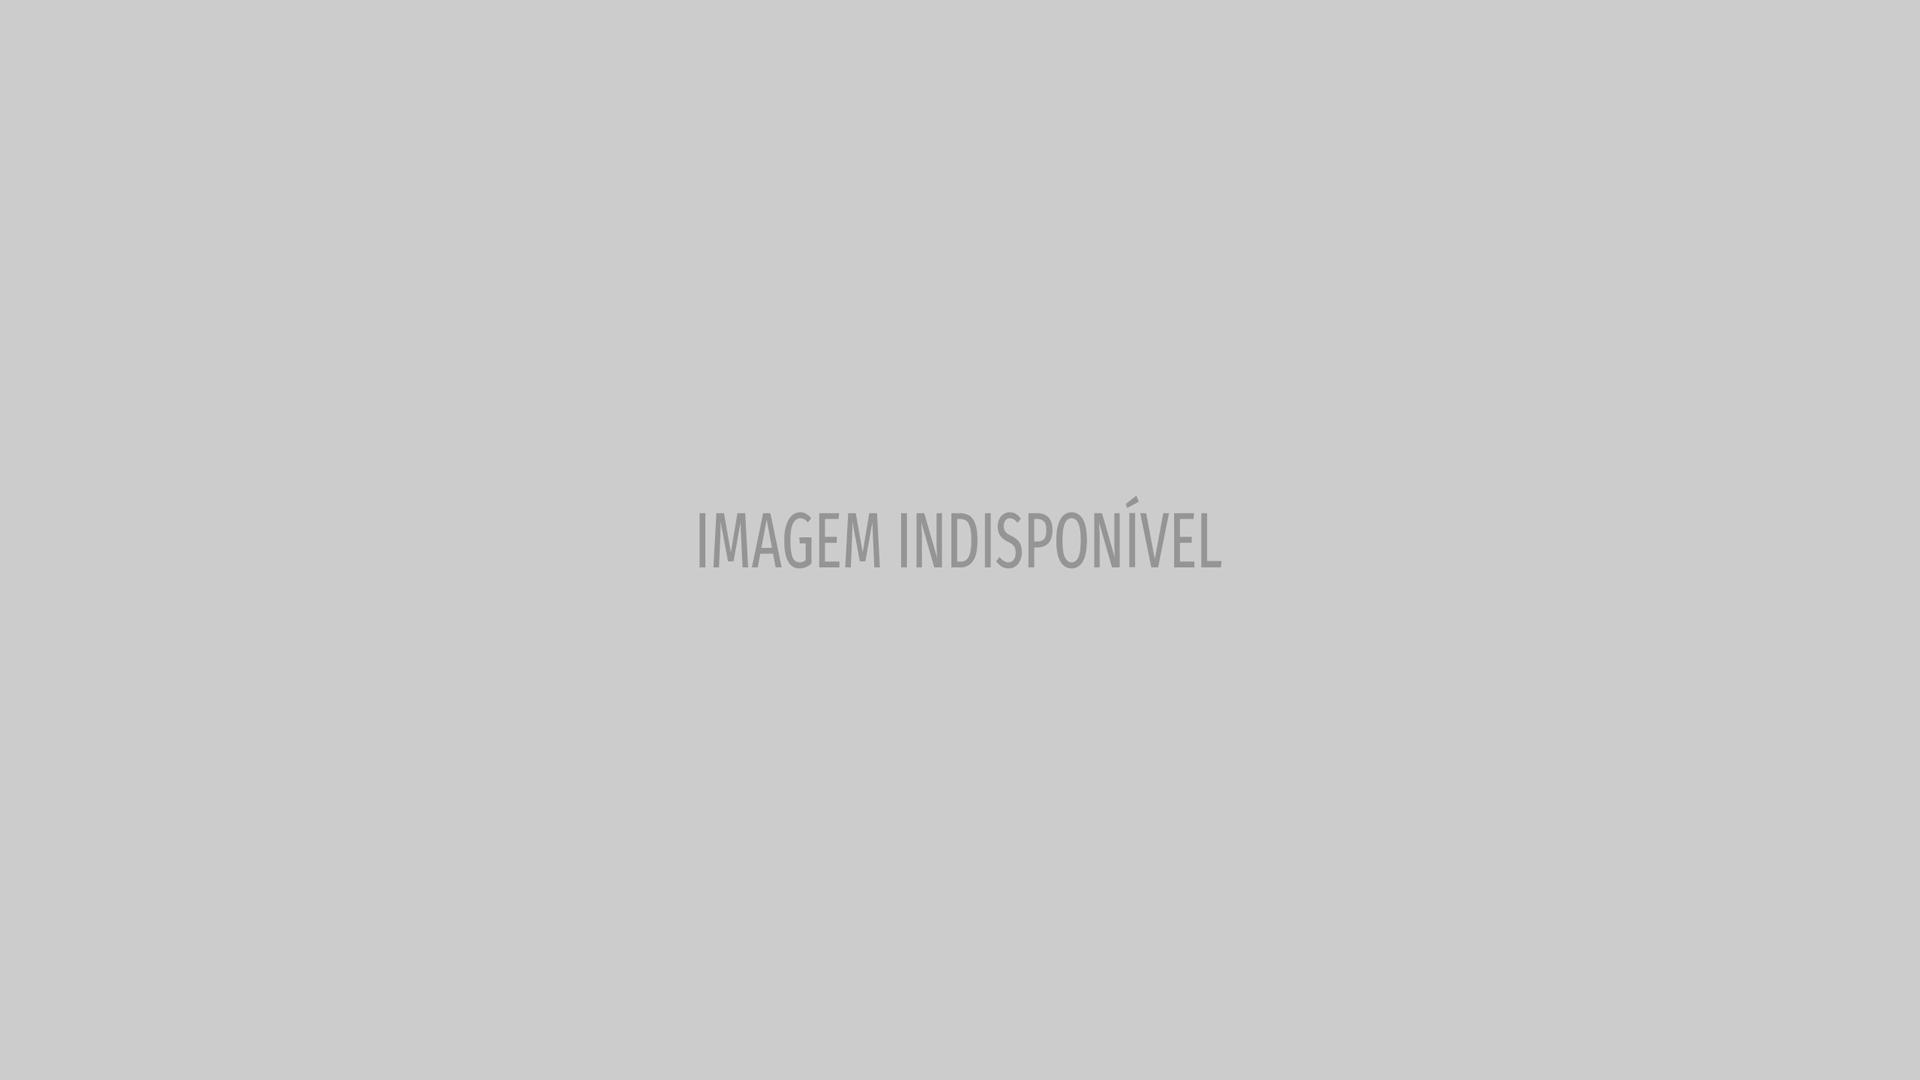 Instagram está com problemas em todo o mundo